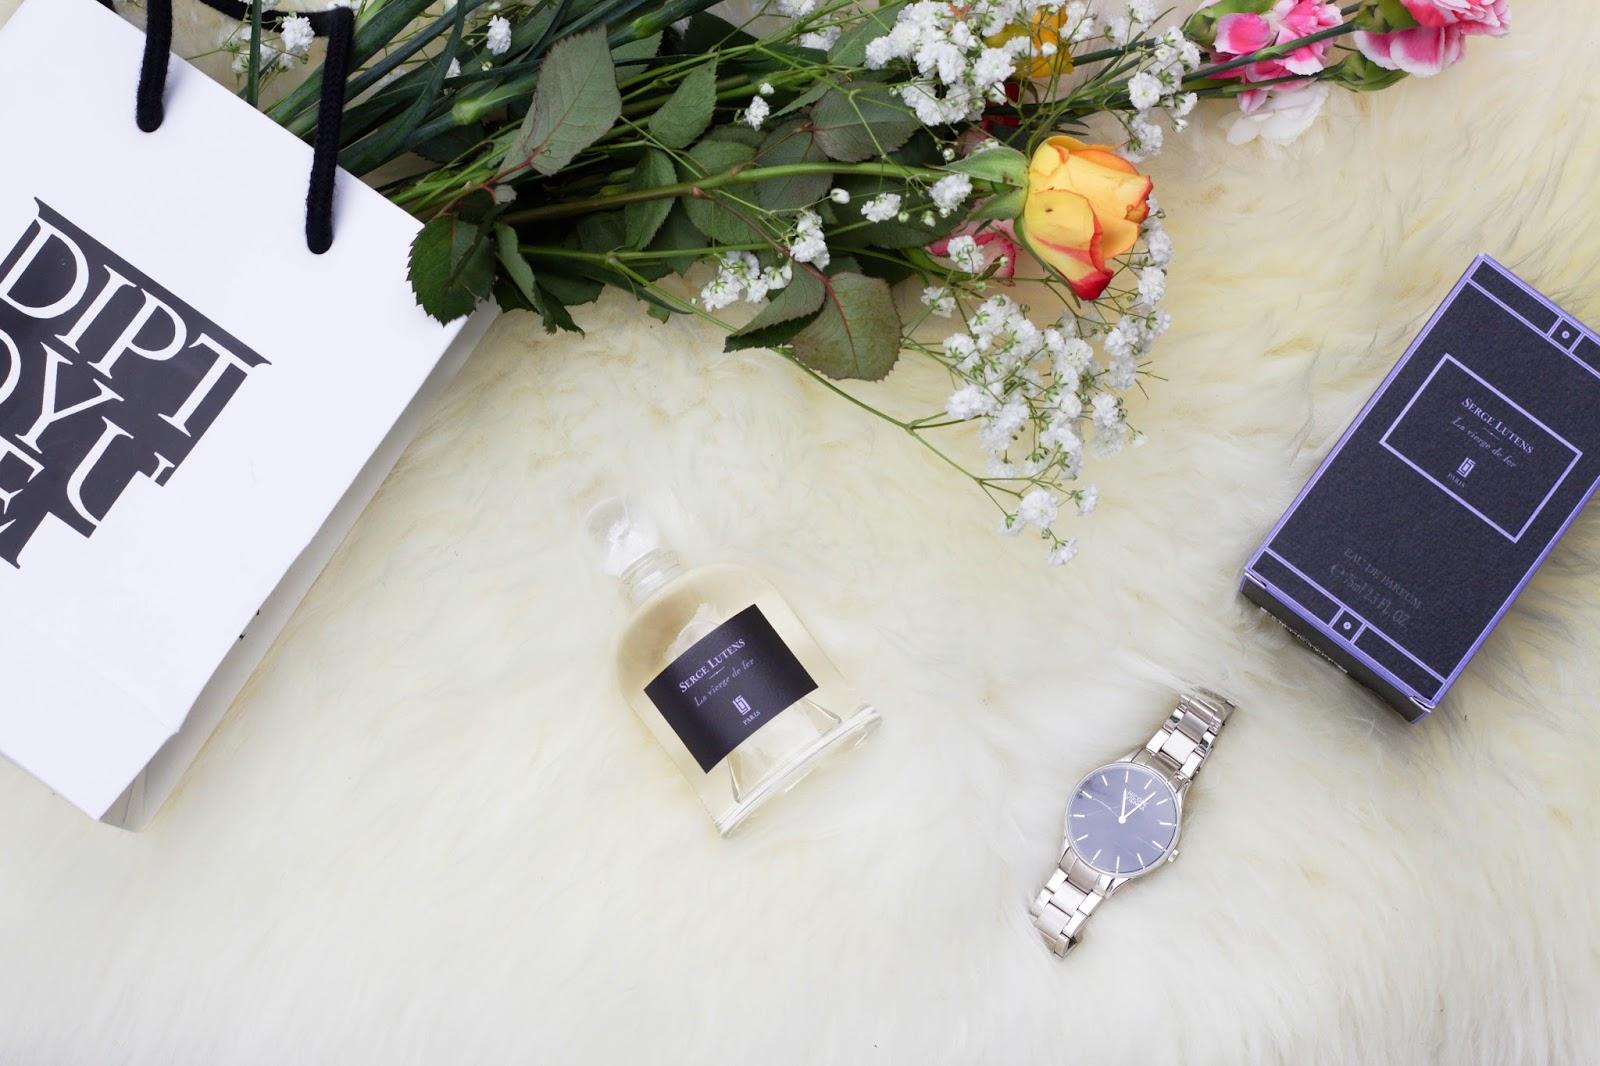 serge lutens, la vierge de fer, parfum serge lutens blogueuse, blog mode lyon, blog mode paris, beauté, blogueuse mode, blogueuse lyonnaise